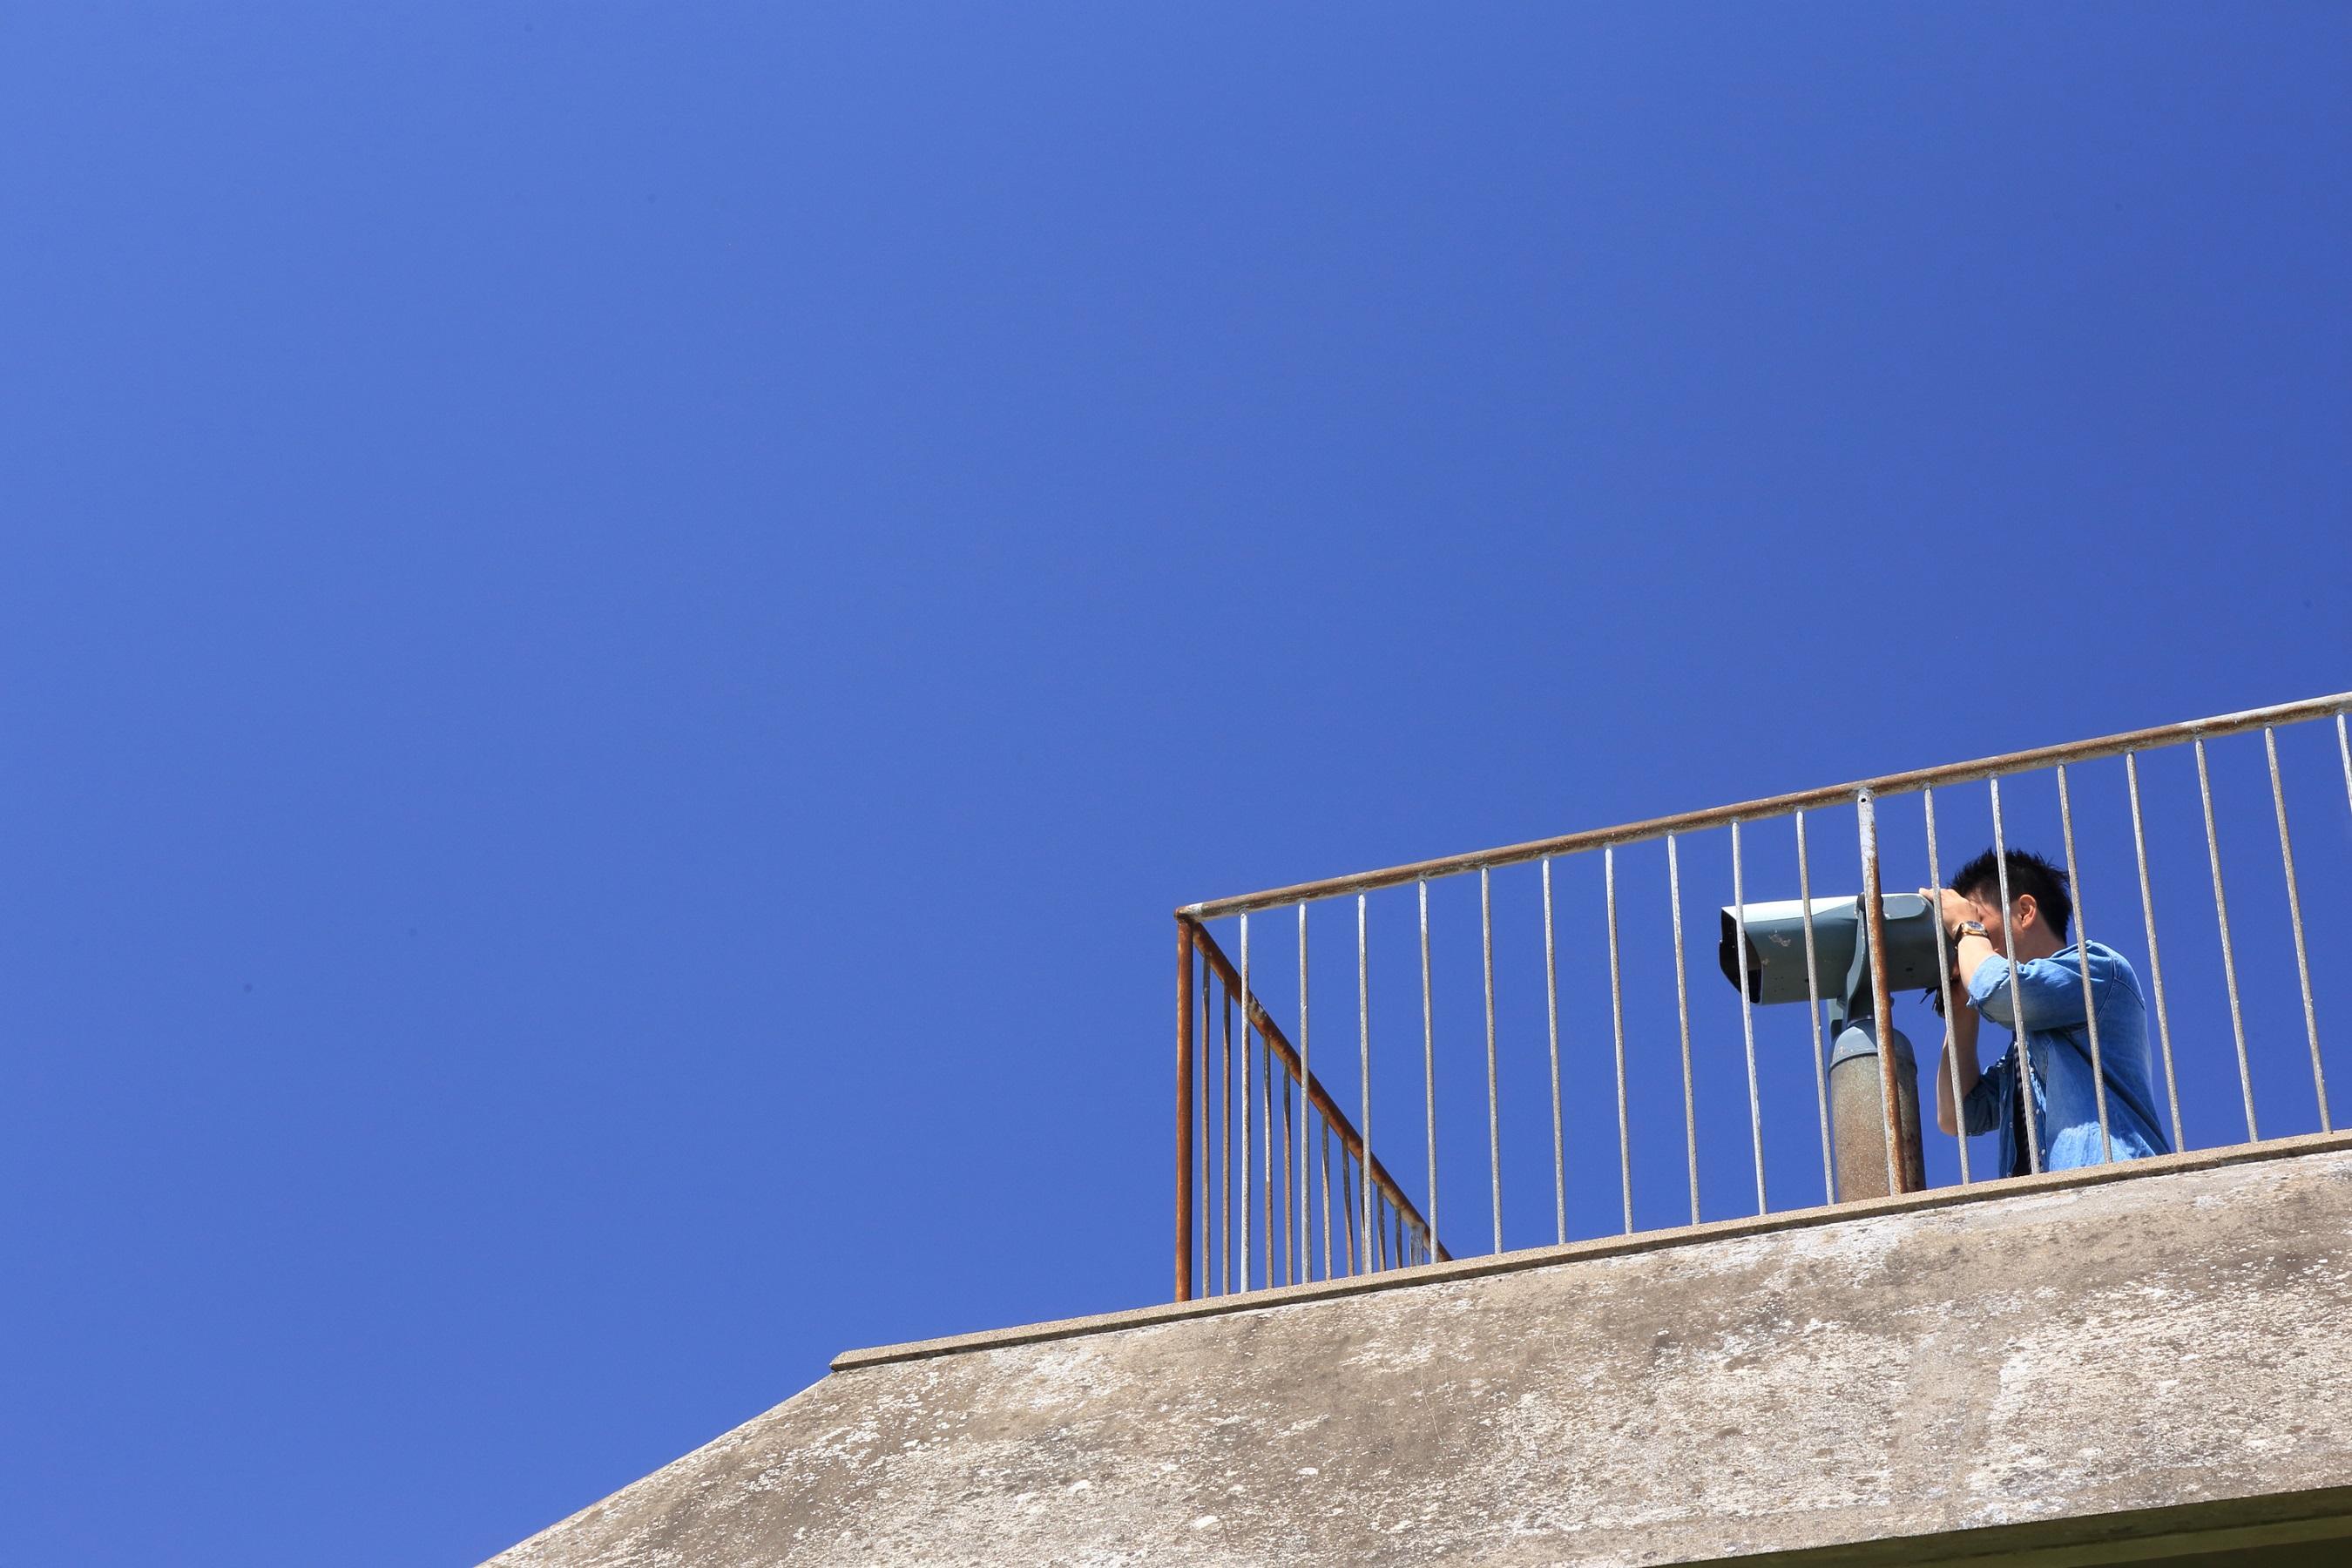 望遠鏡を覗く人